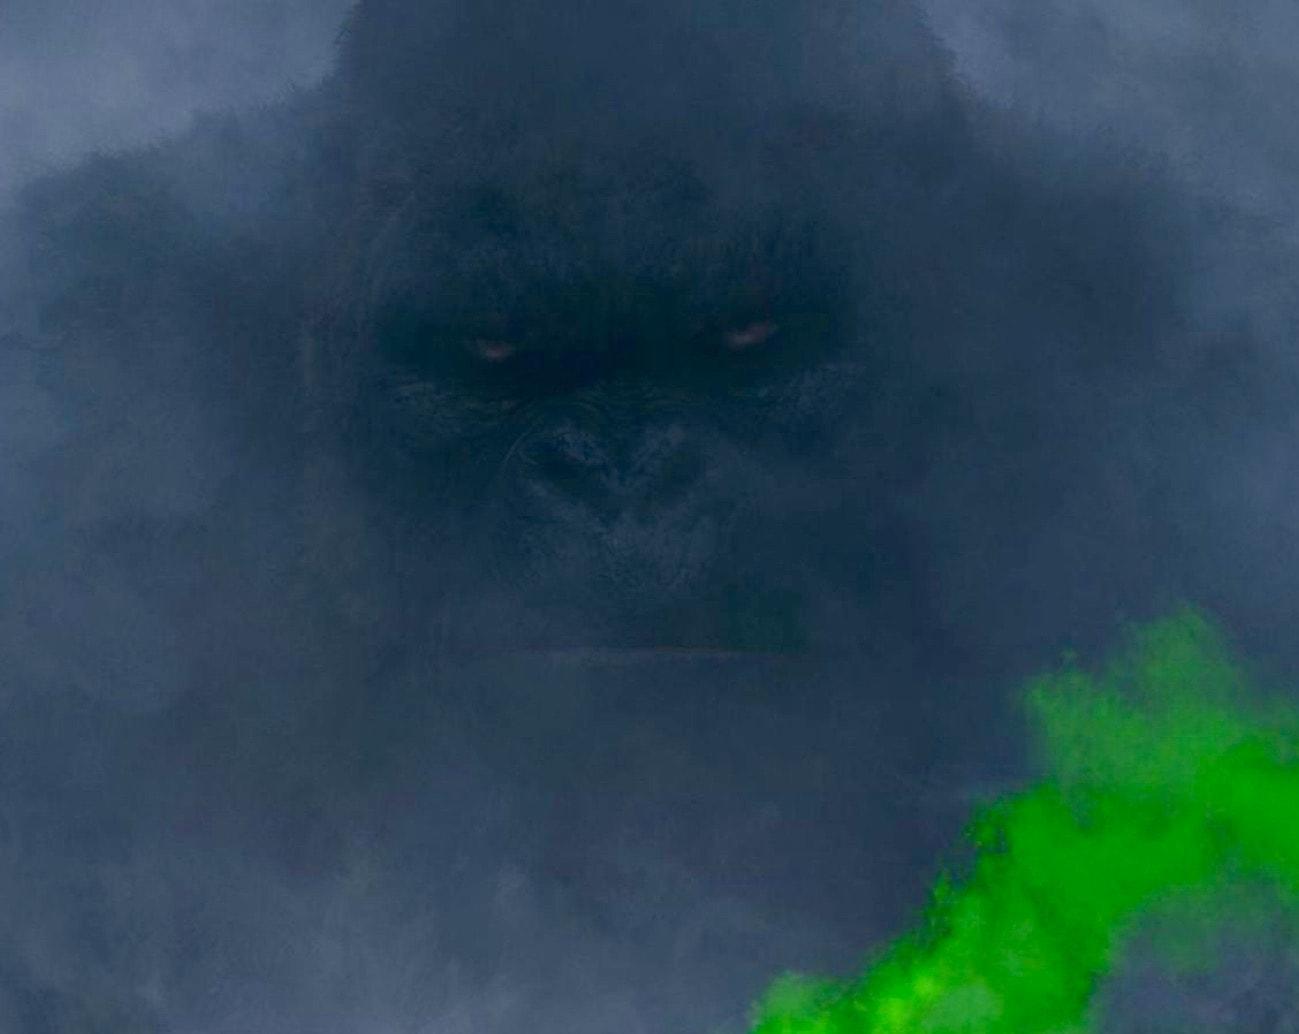 Kong: Skull Island Widescreen